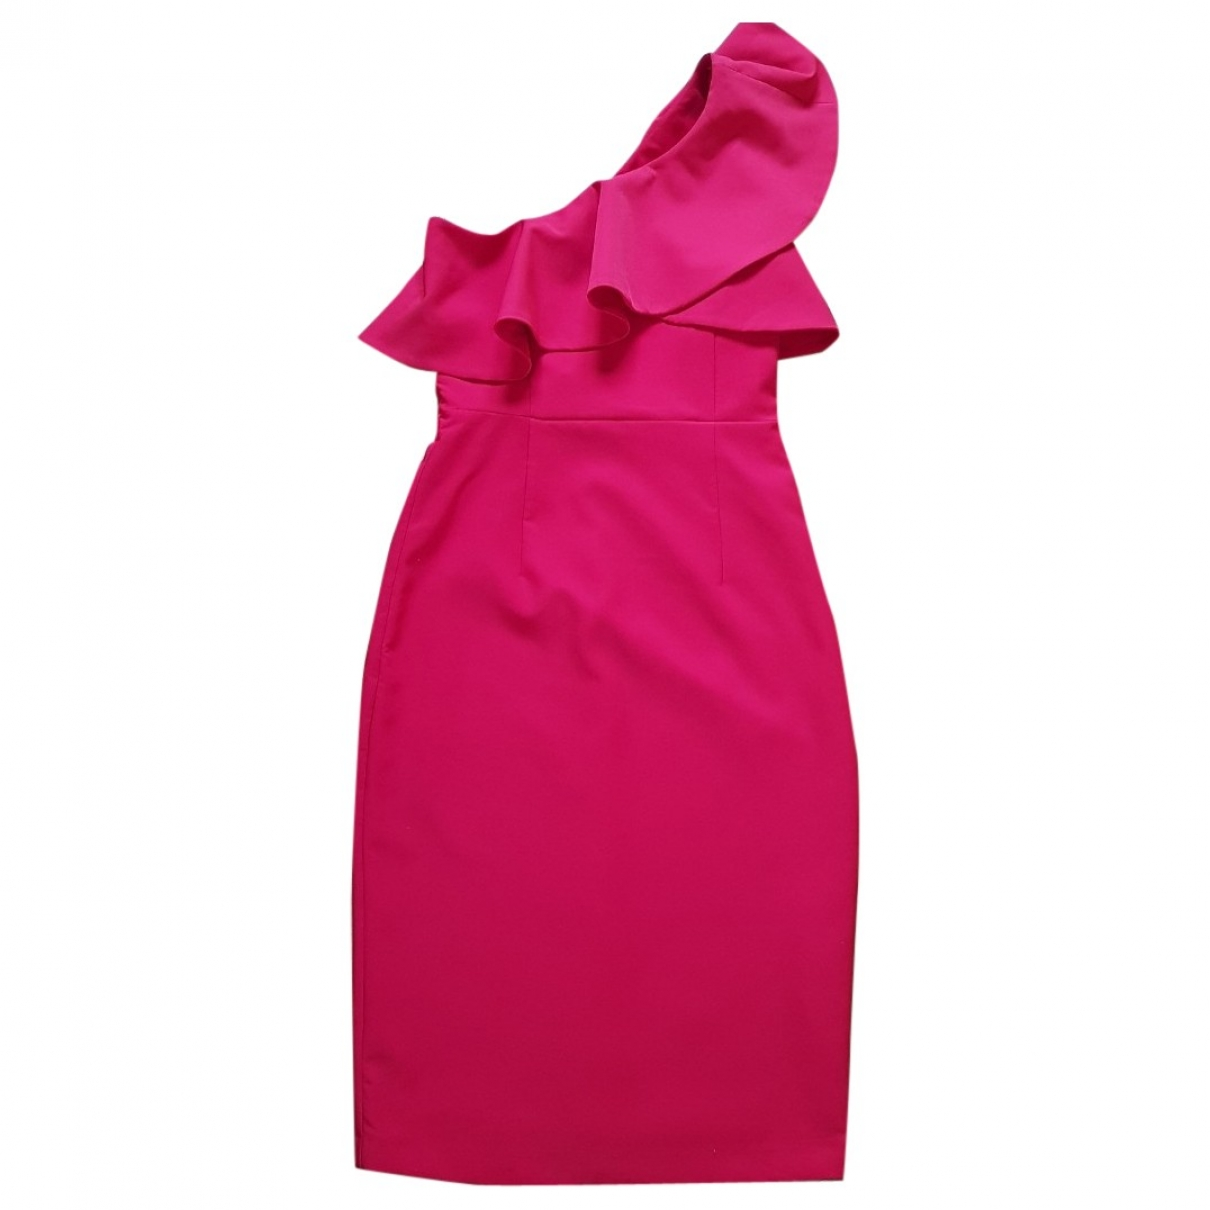 Zara \N Kleid in  Rot Baumwolle - Elasthan